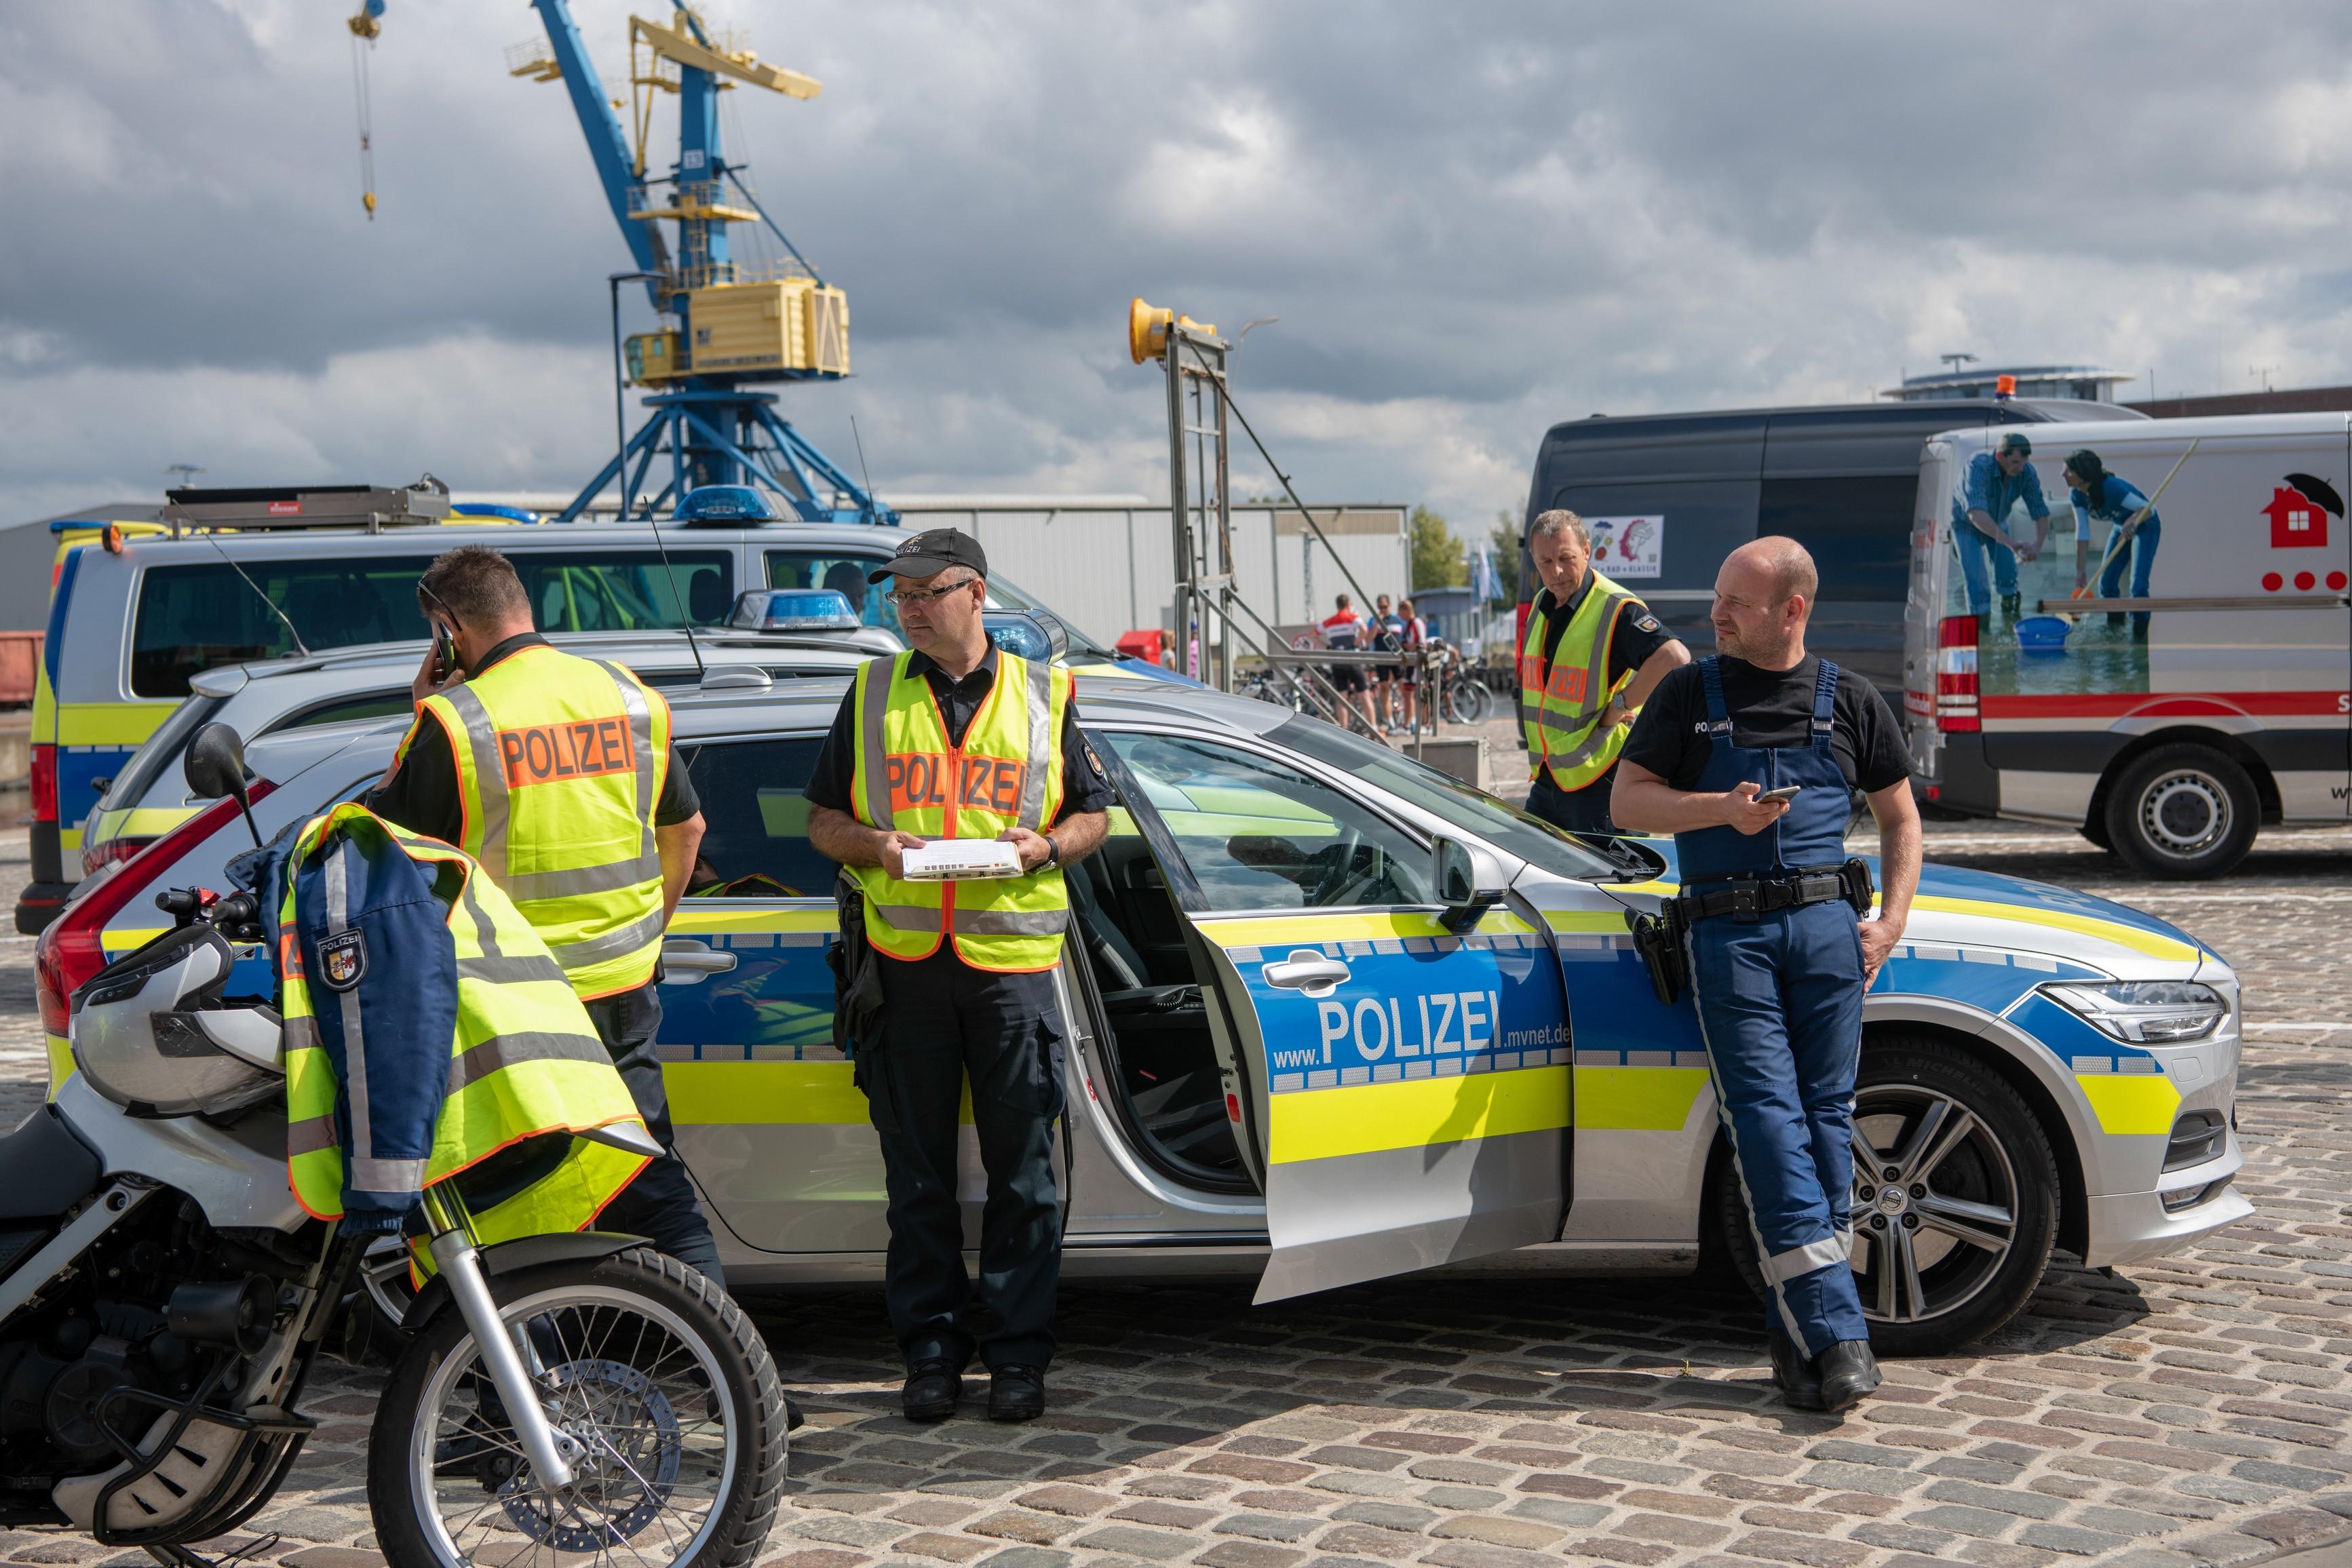 Die Absicherung erfolgt in bewährter Weise durch die Polizei